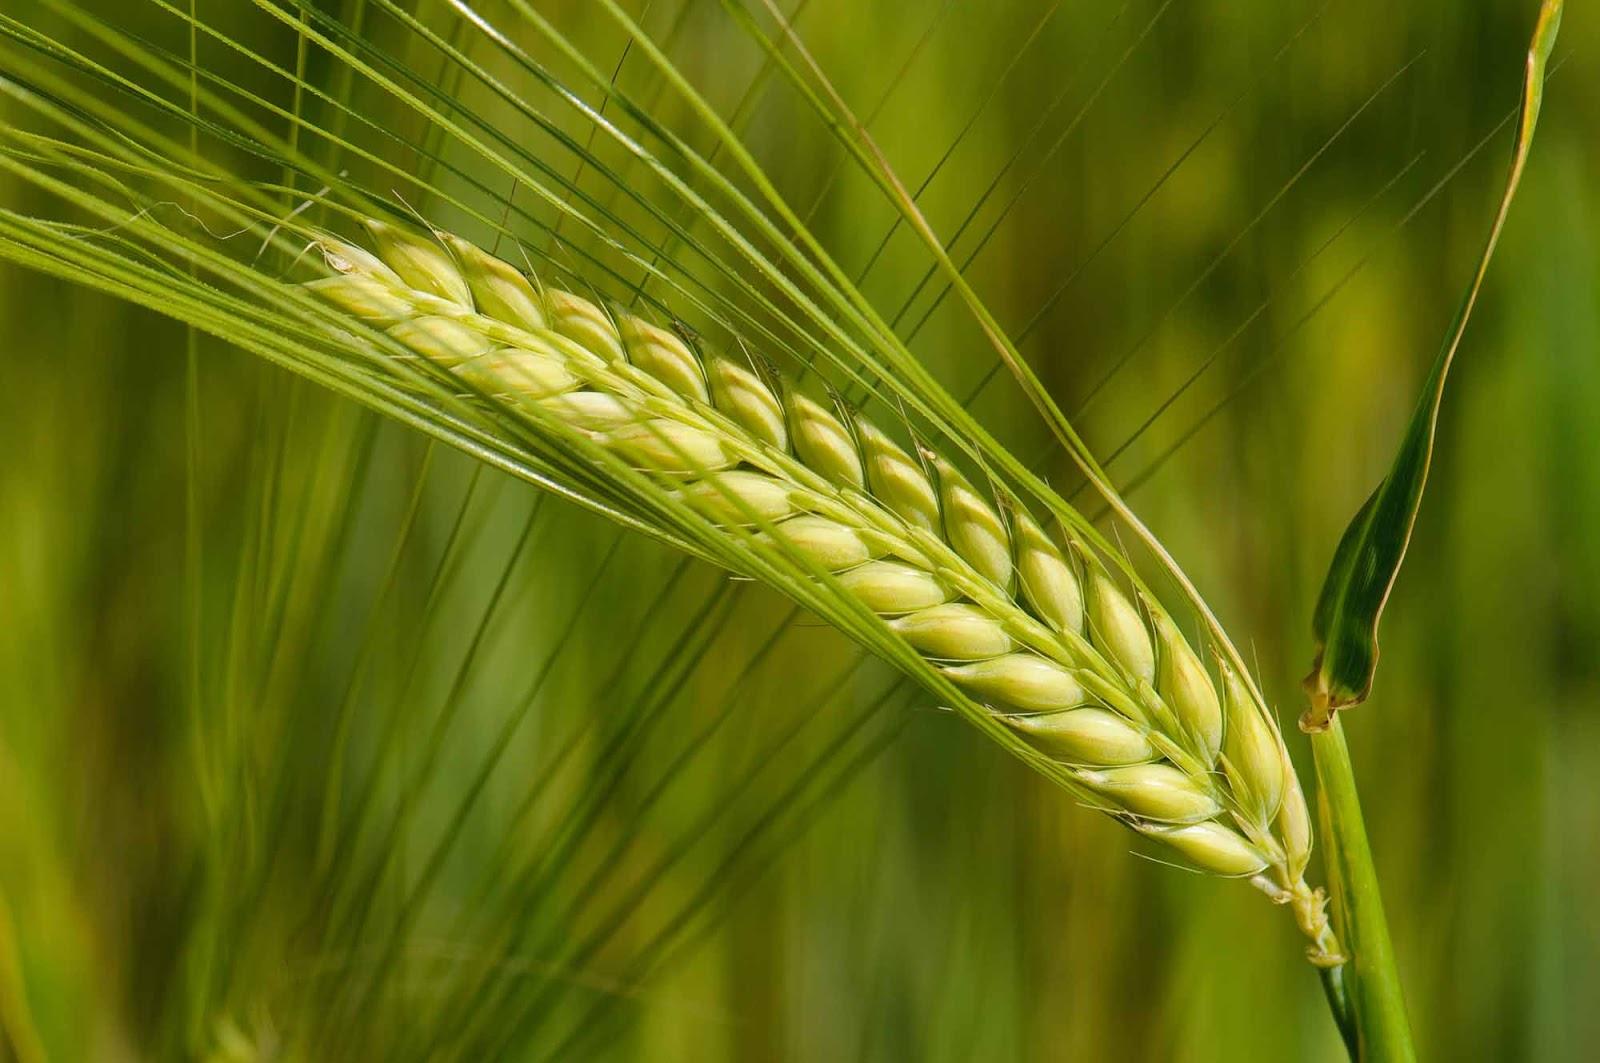 Manfaat Barley Untuk Kesehatan dan Kecantikan yang Luar Biasa